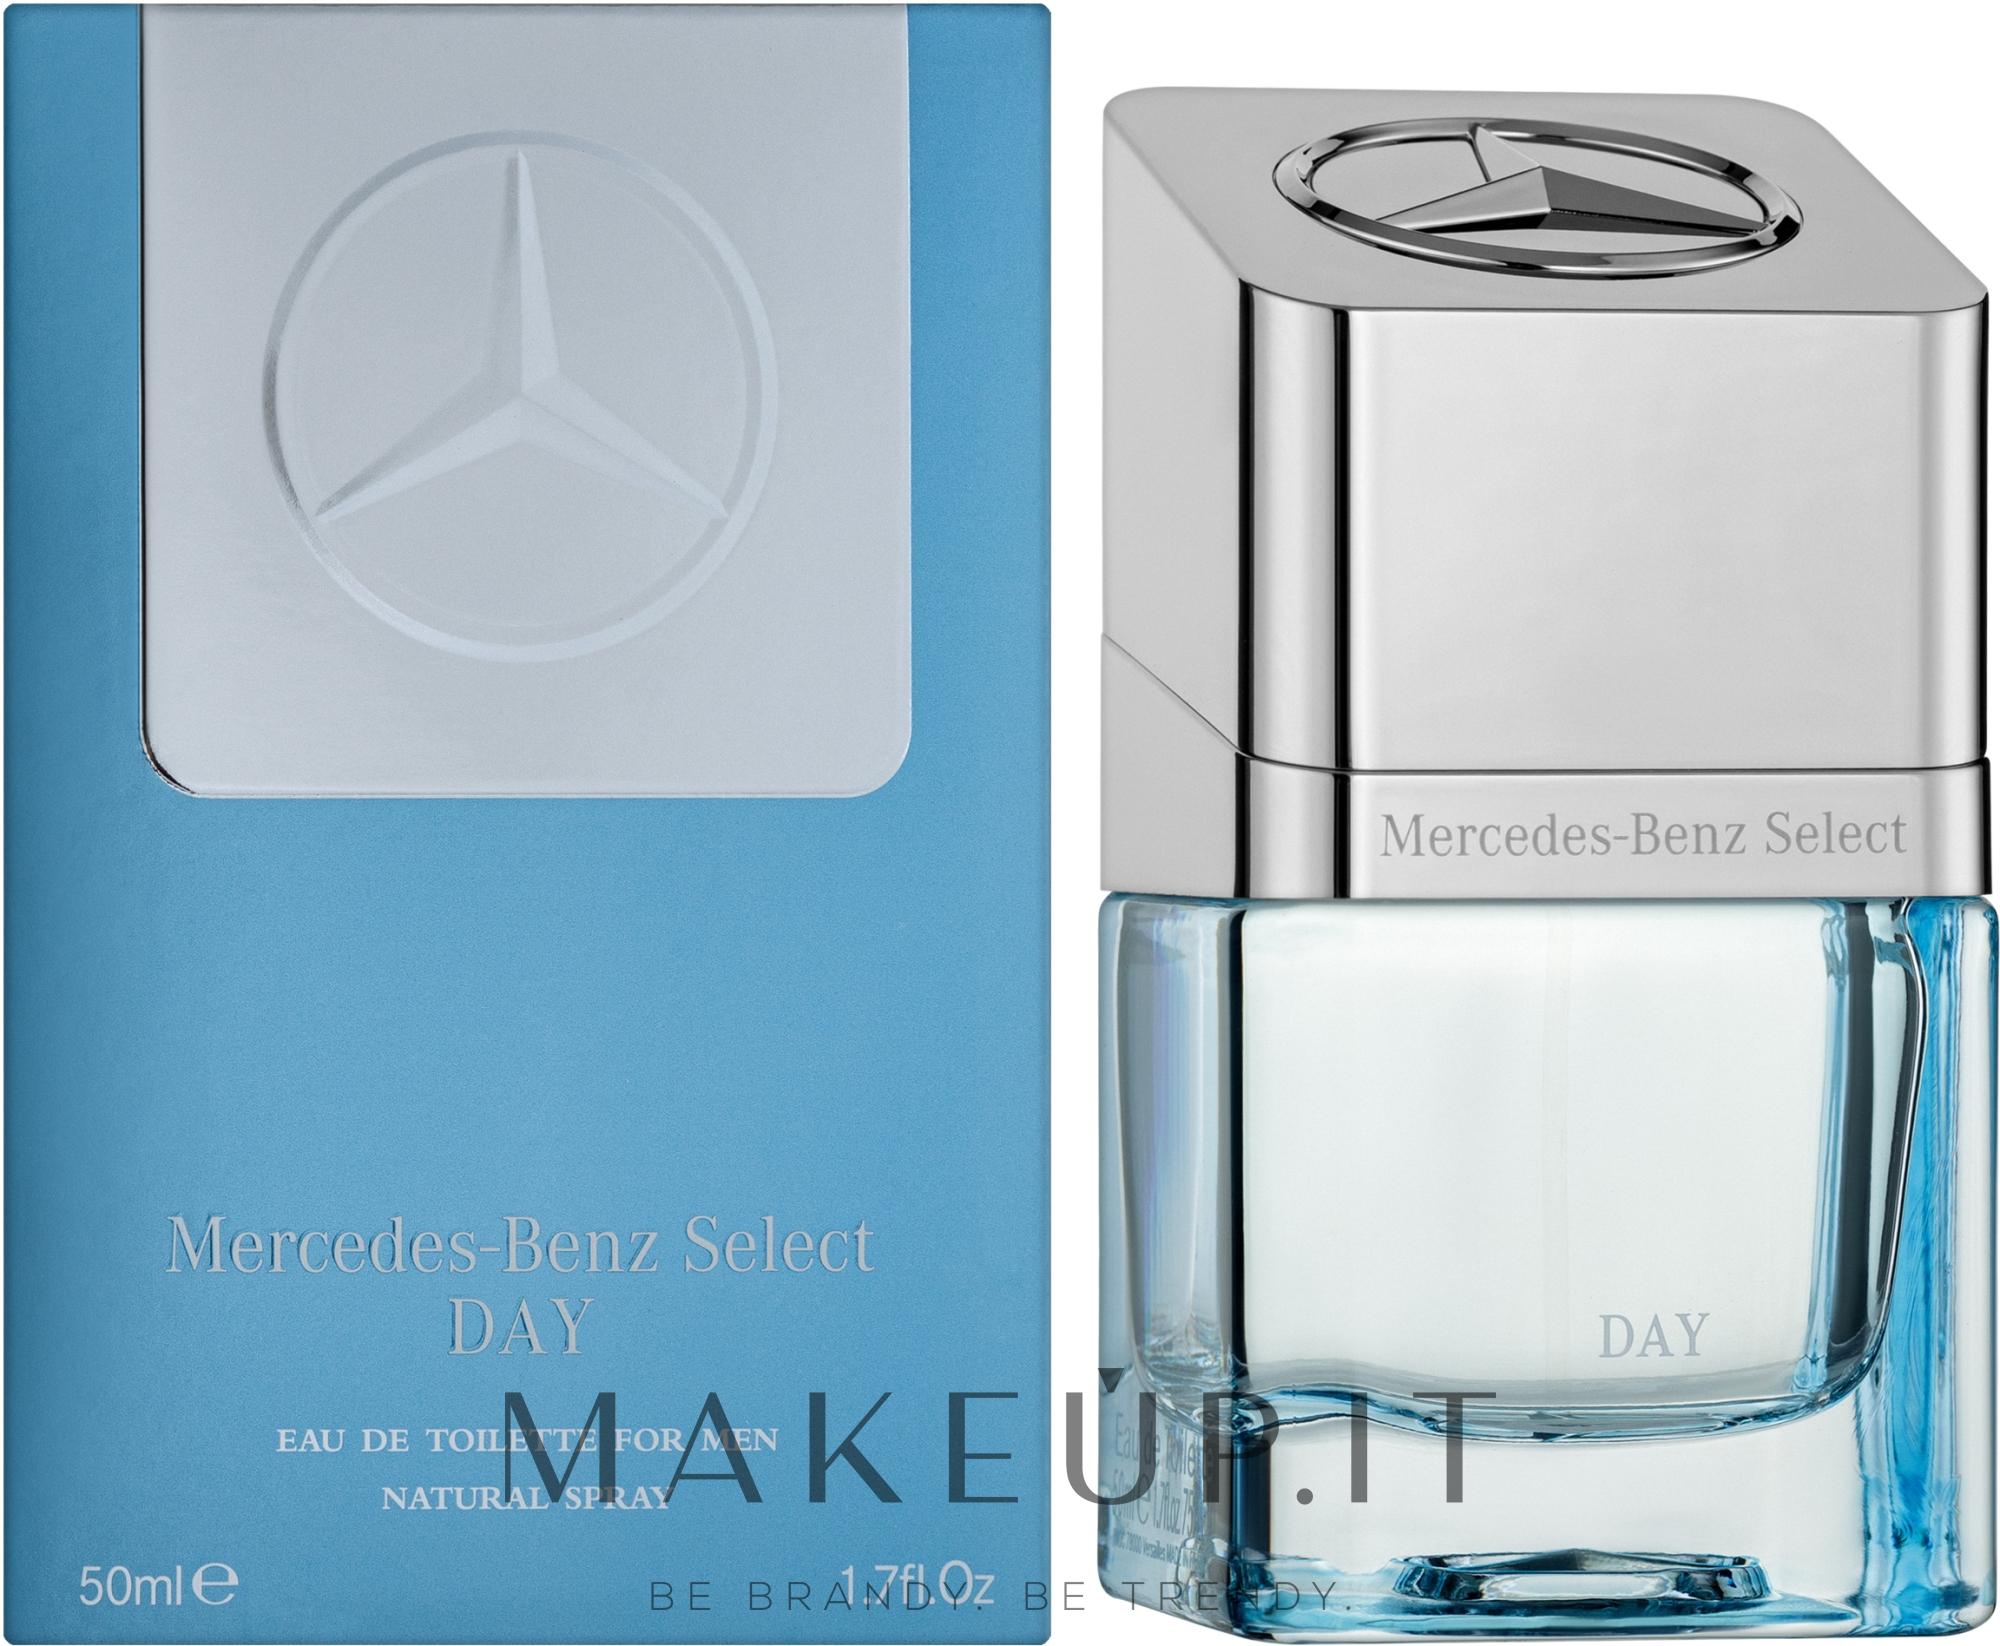 Mercedes-Benz Select Day - Eau de Toilette — foto 50 ml